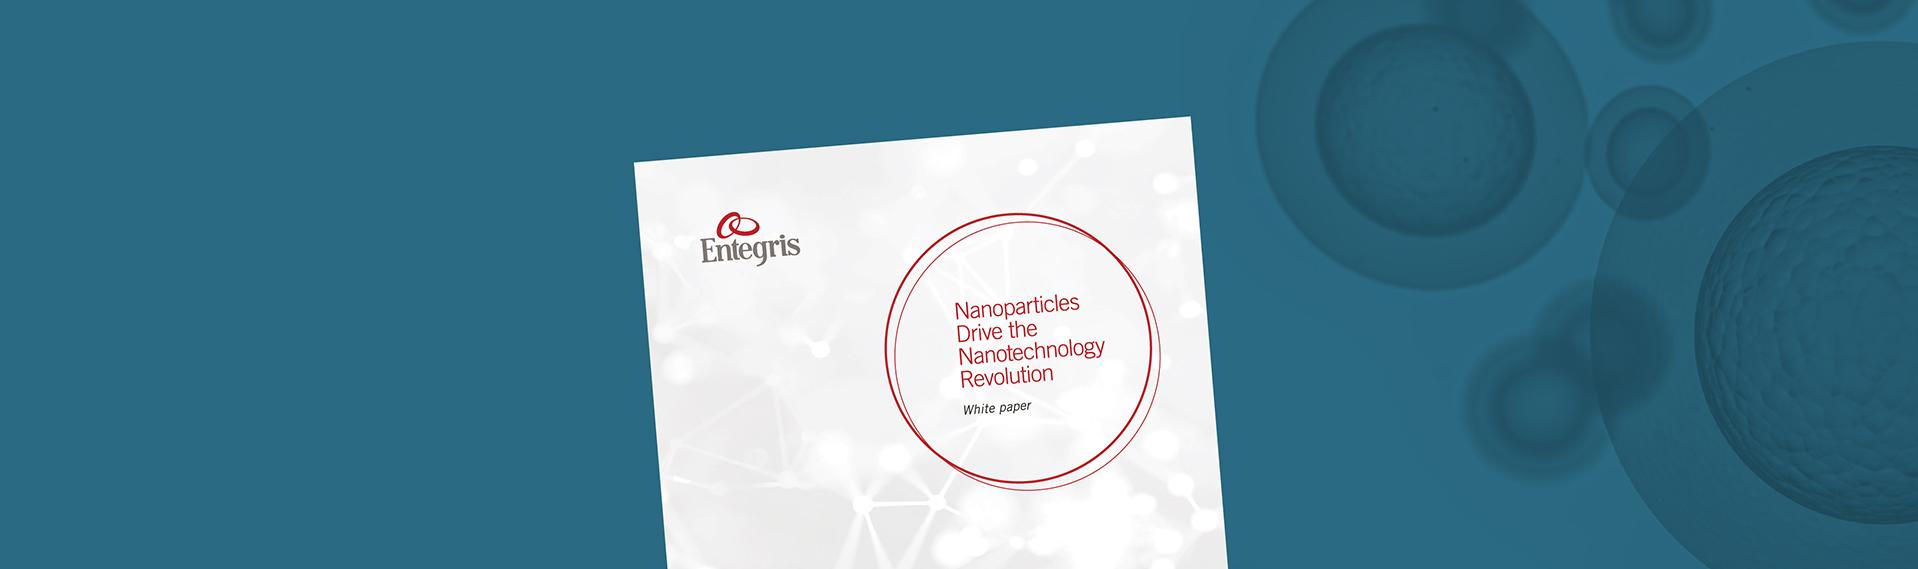 nanoparticles-wp-hubspot-10709-desktop-1918x568